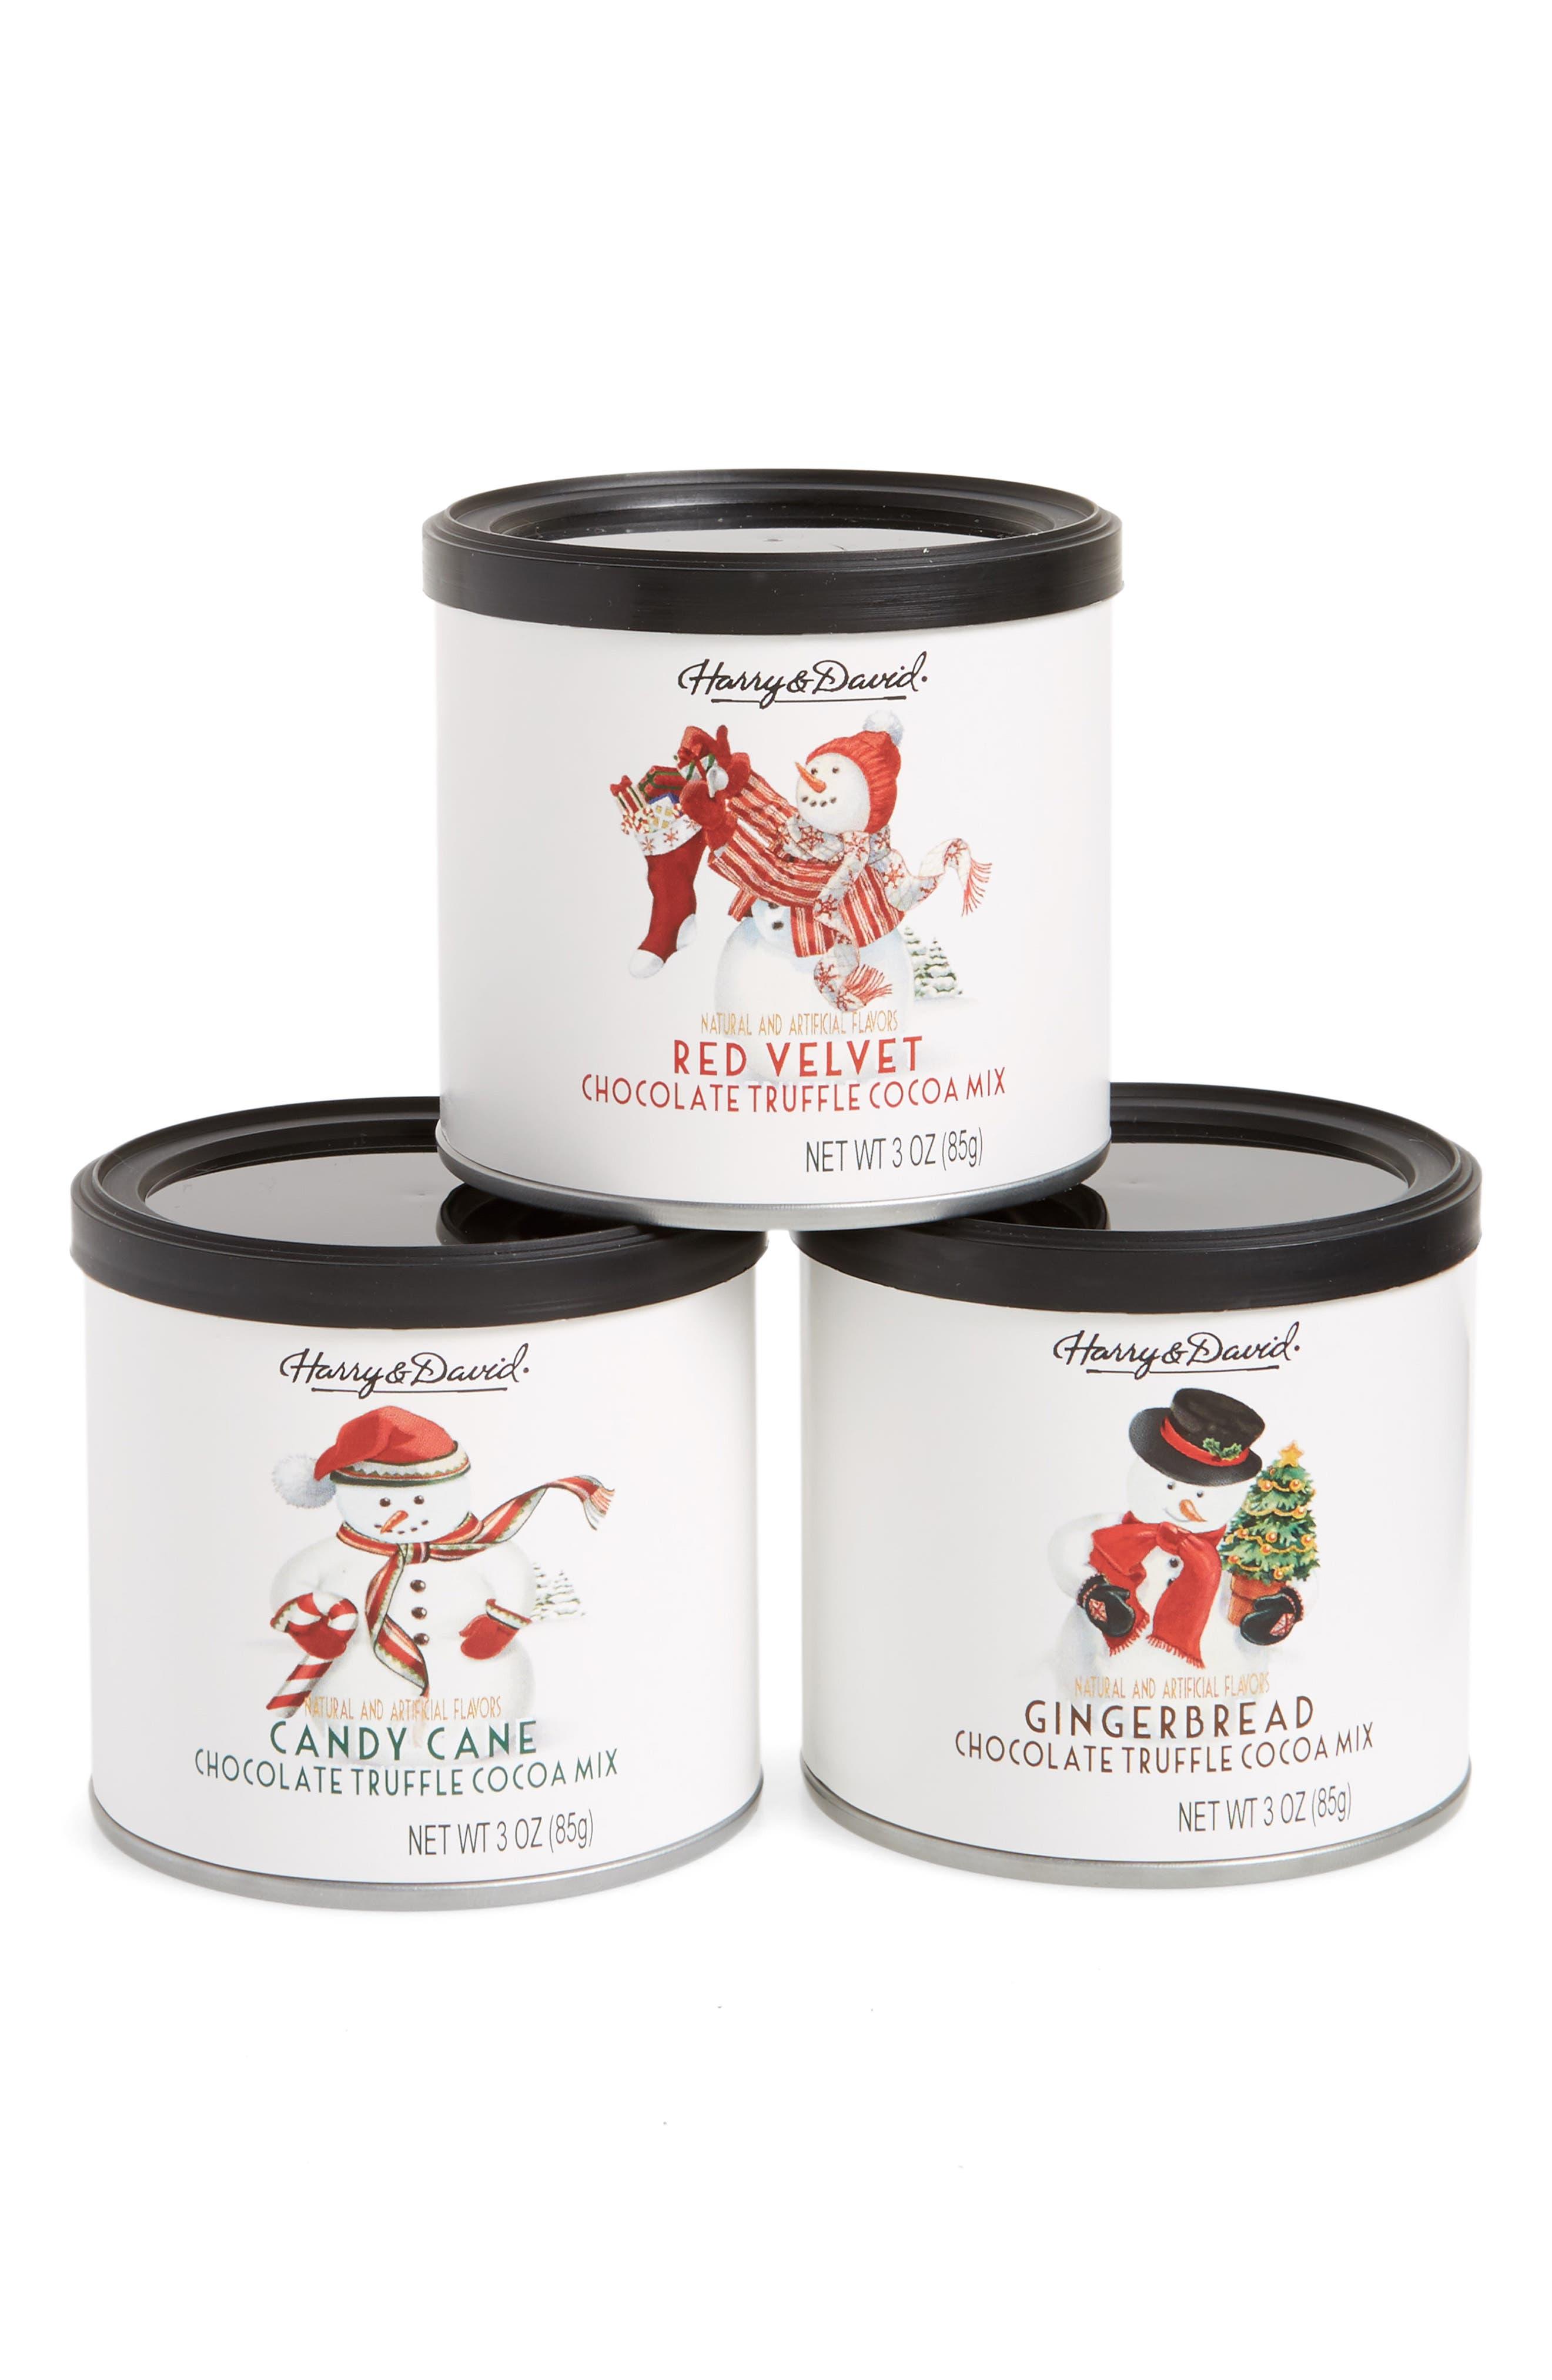 Harry & David Holiday Cocoa Mix Gift Set,                             Main thumbnail 1, color,                             600